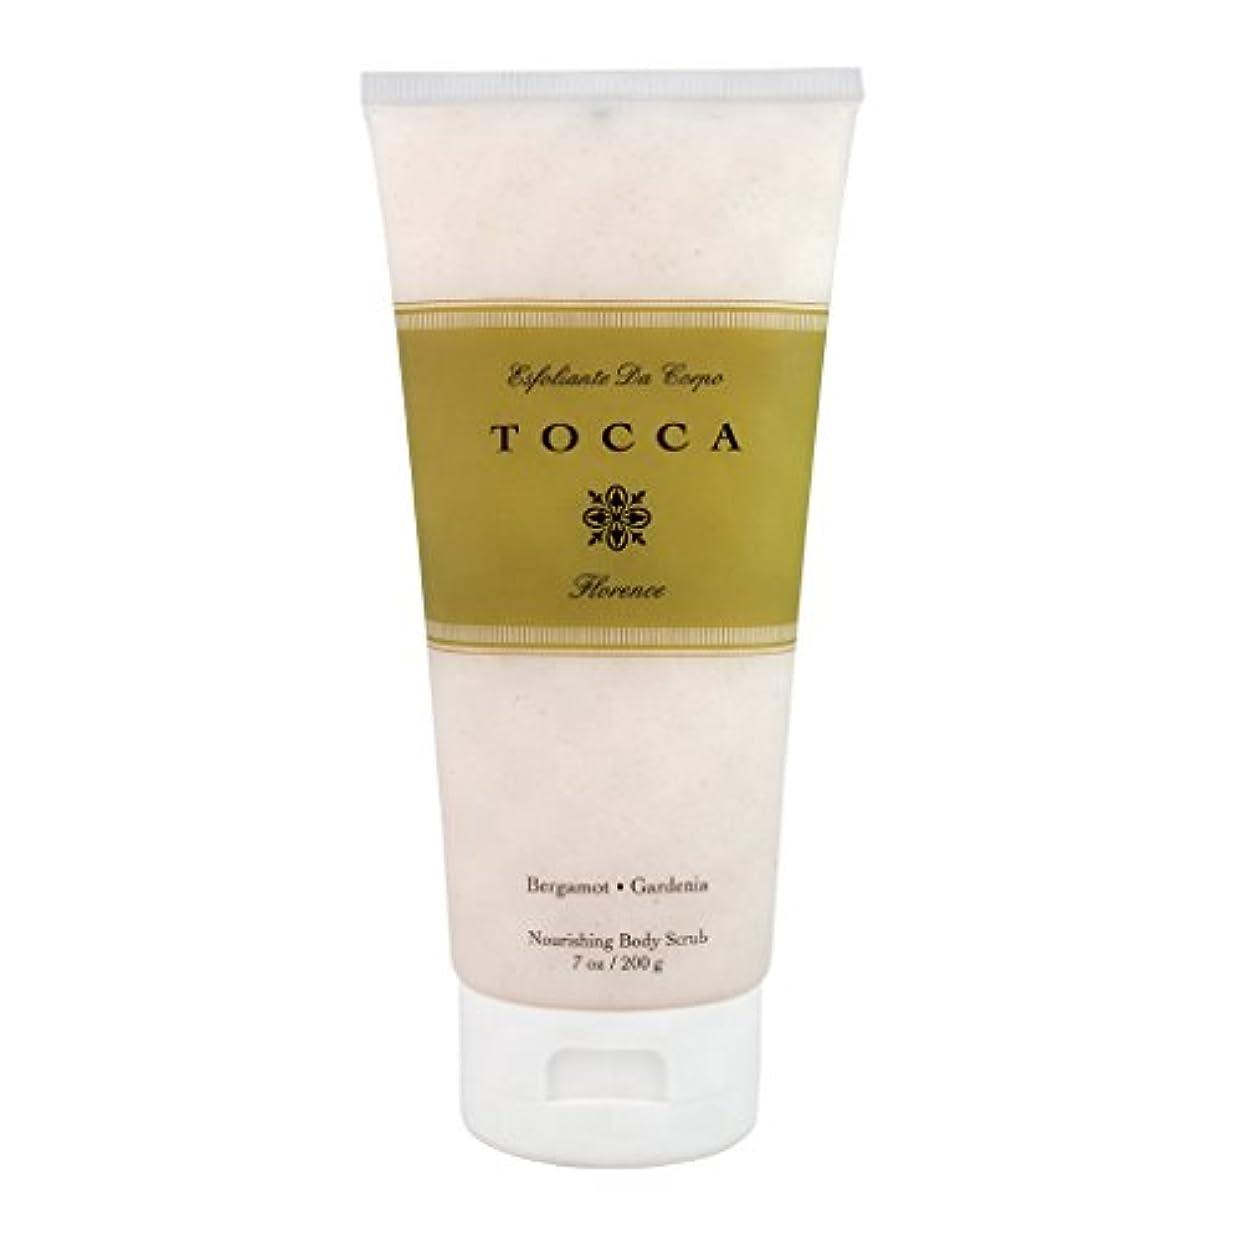 人に関する限り早める桁トッカ(TOCCA) ボディーケアスクラブ フローレンスの香り 200ml(全身?ボディー用マッサージ料 ガーデニアとベルガモットが誘うように溶け合うどこまでも上品なフローラルの香り)